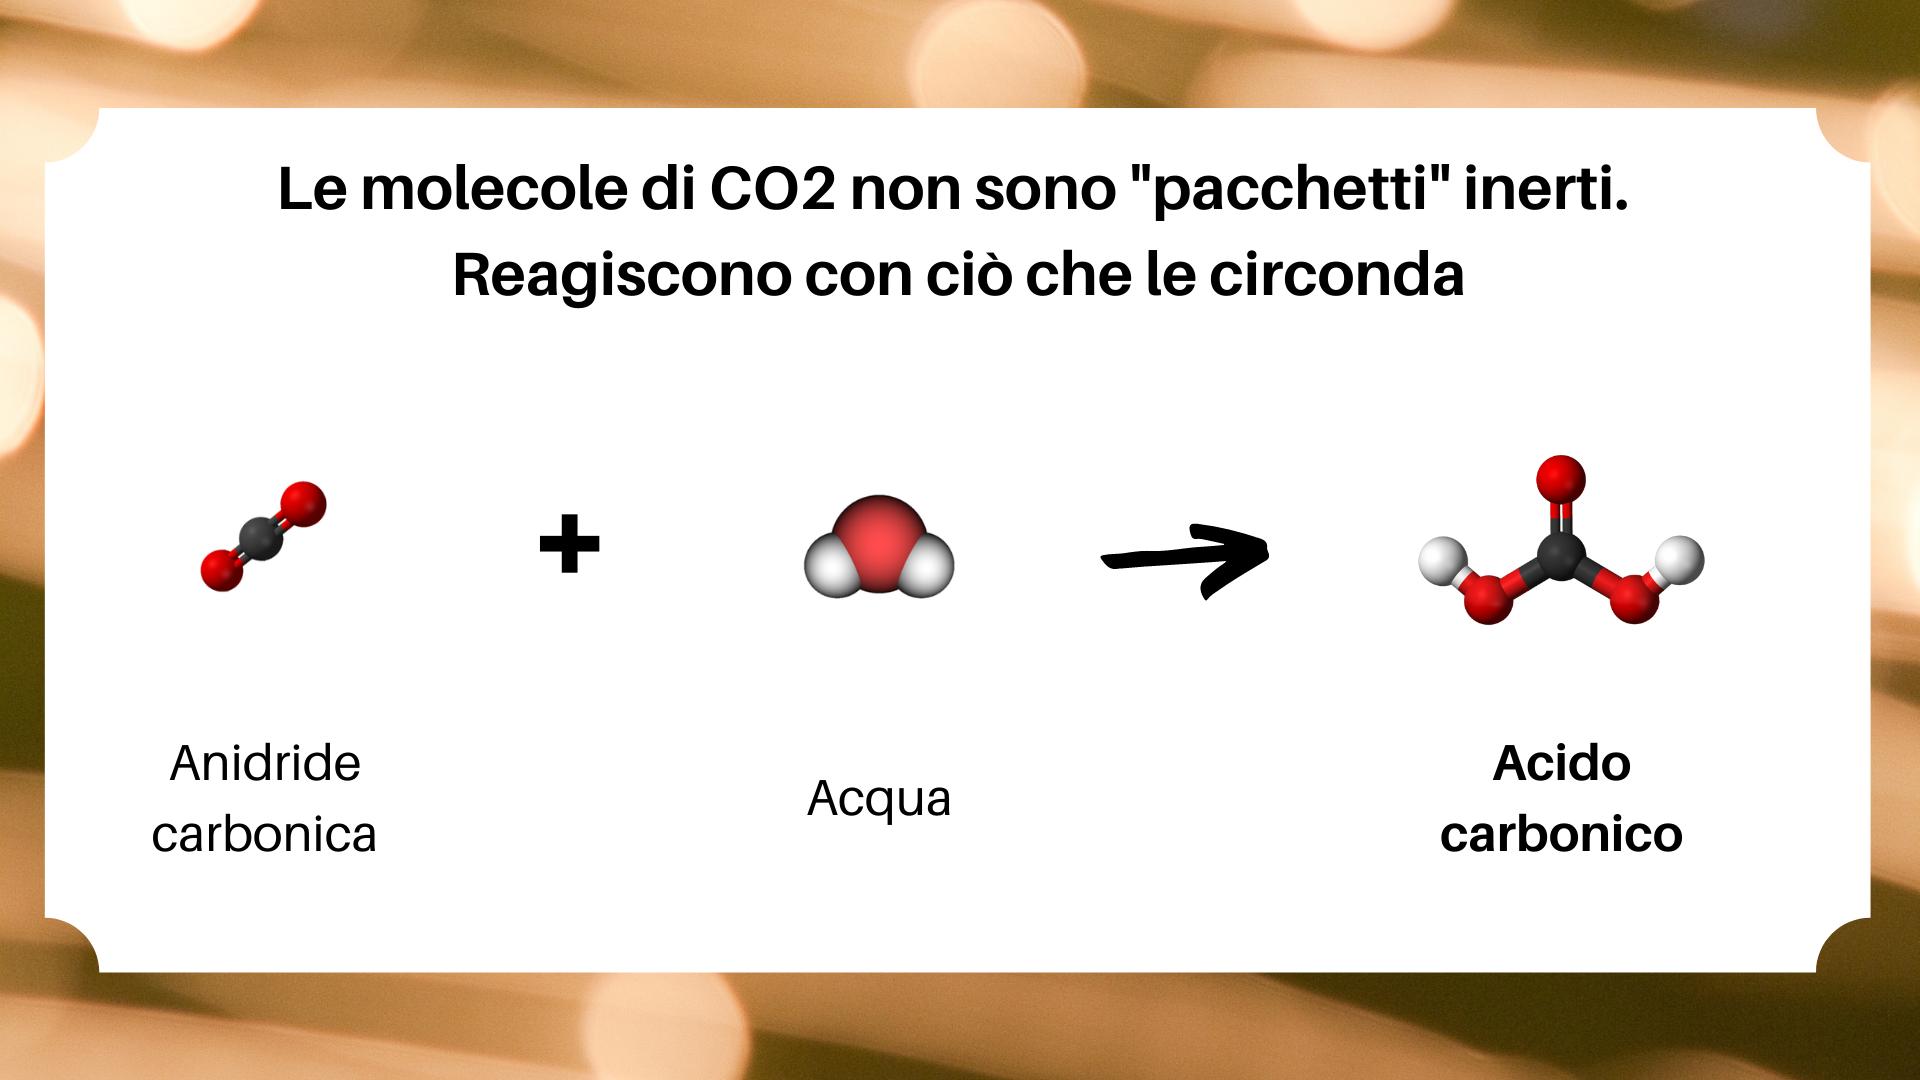 Anidride-carbonica-acqua-acido-carbonico-chimica-acidificazione-